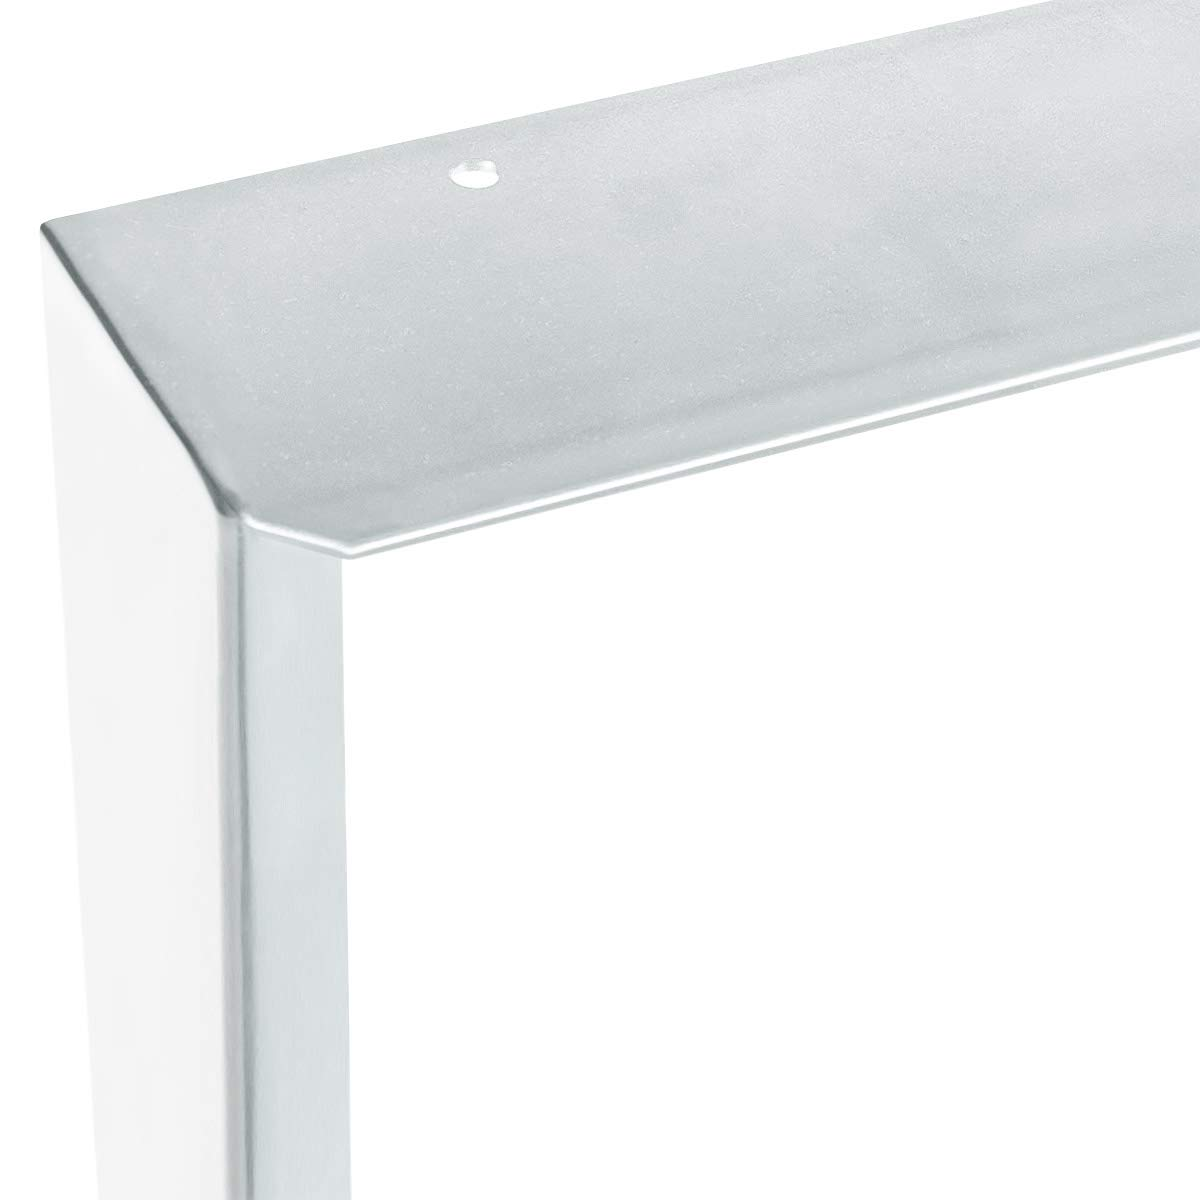 HOLZBRINK 1x Gamba per Tavolo con Profilo In Acciaio 60x20 mm e Piatto 3 mm Bianco Traffico HLT-02-E-CC-9016 Cornice 60x72 cm